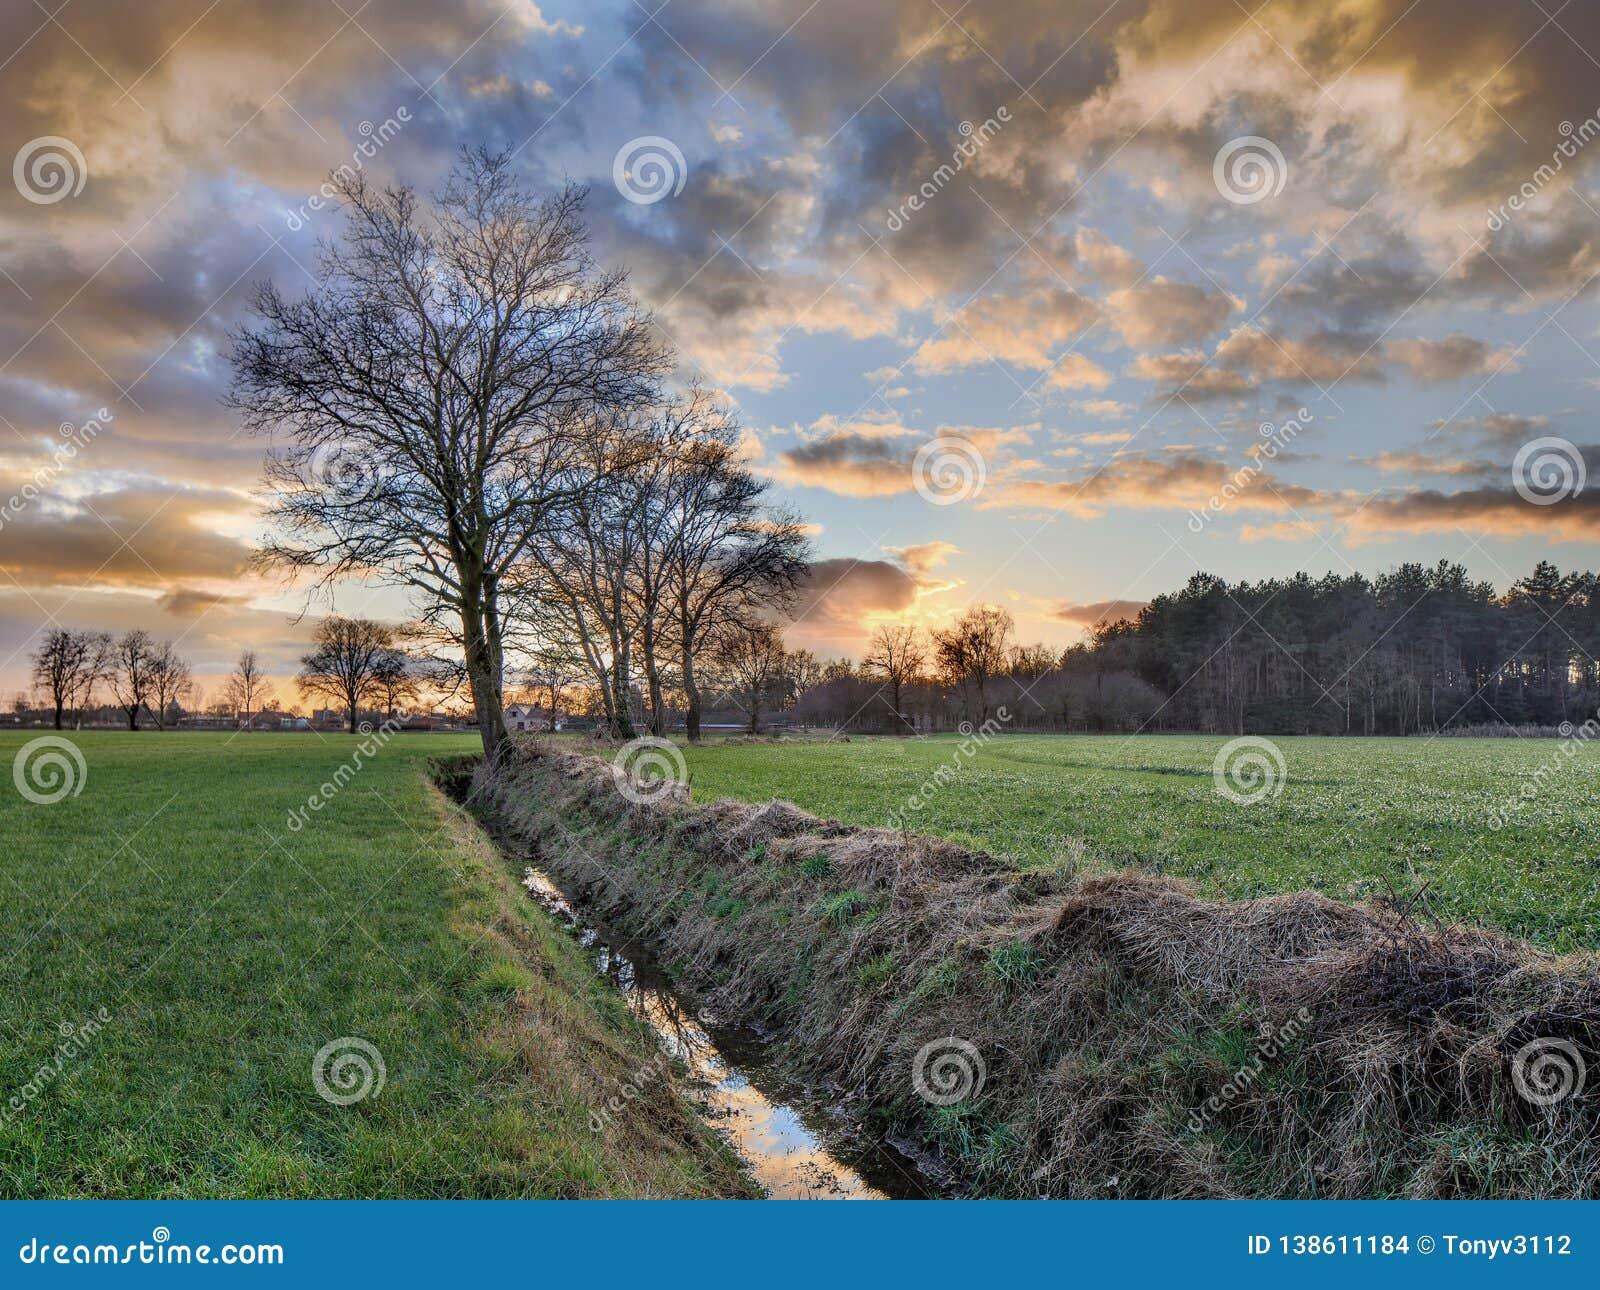 Wiejska sceneria, pole z drzewami blisko przykopu i kolorowy zmierzch z dramatycznymi chmurami, Weelde, Belgia